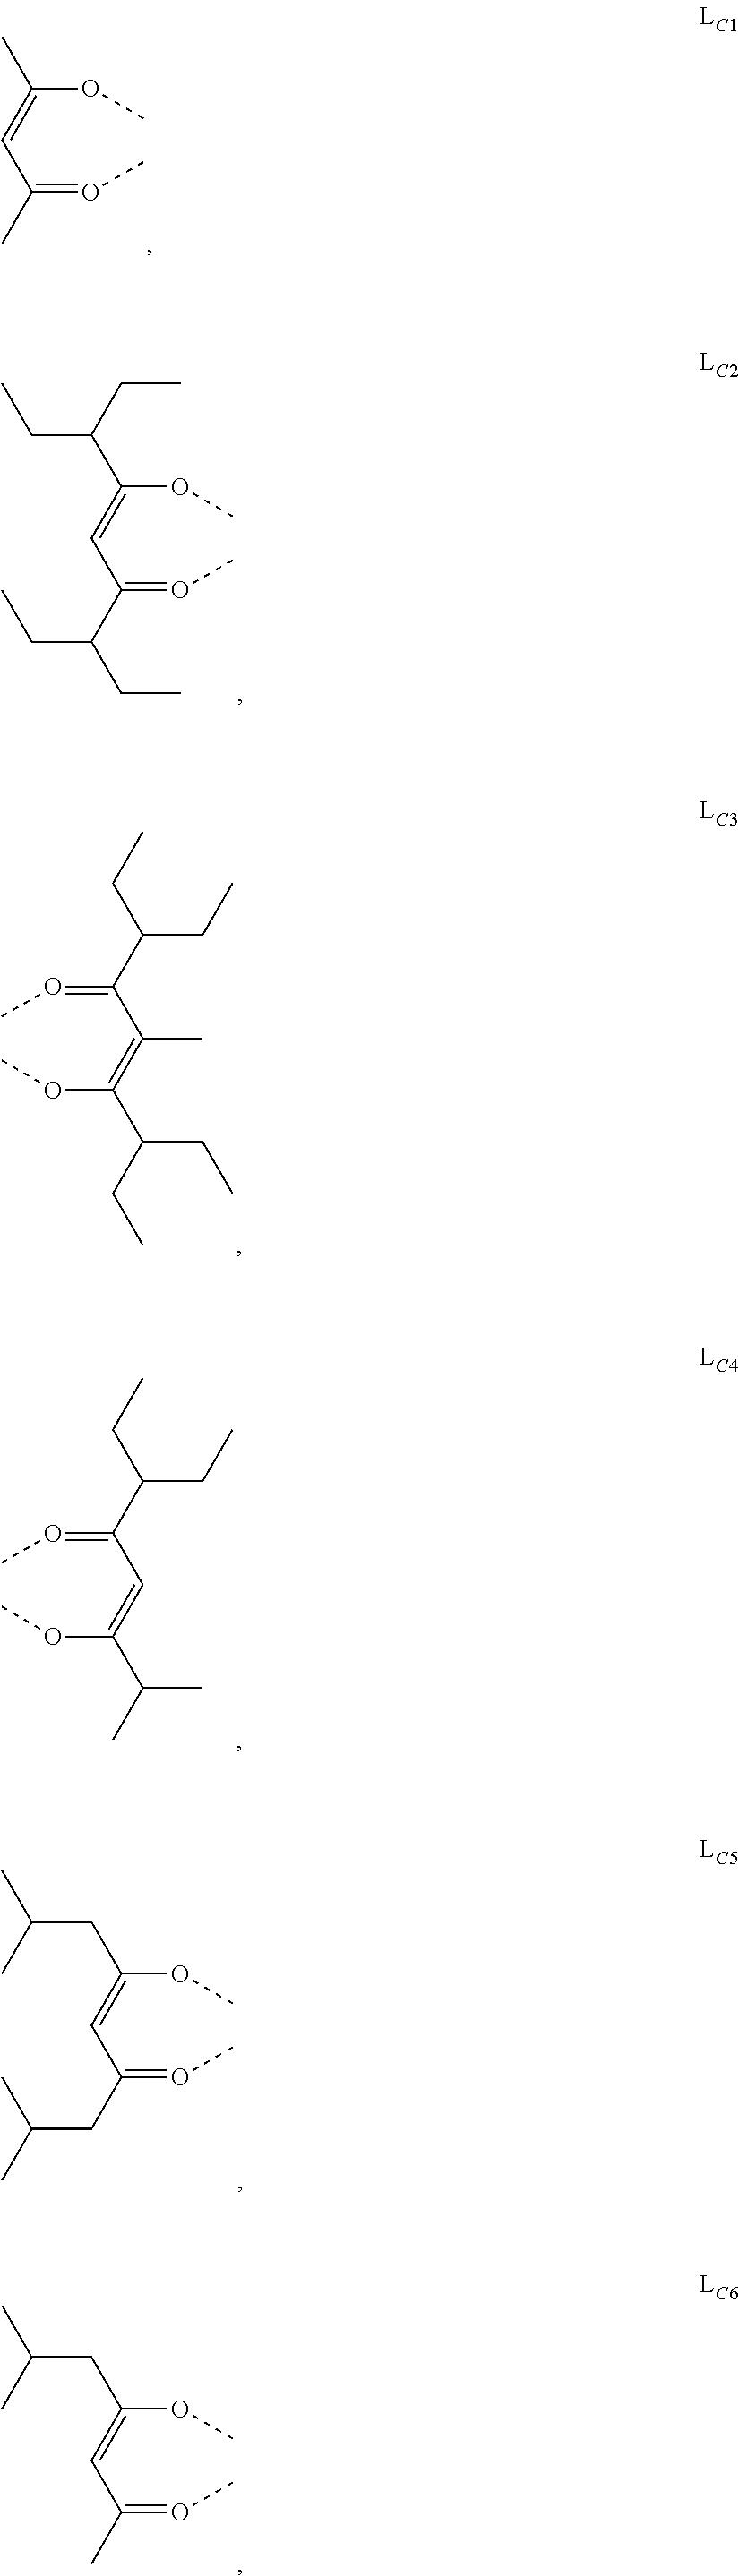 Figure US20170229663A1-20170810-C00280